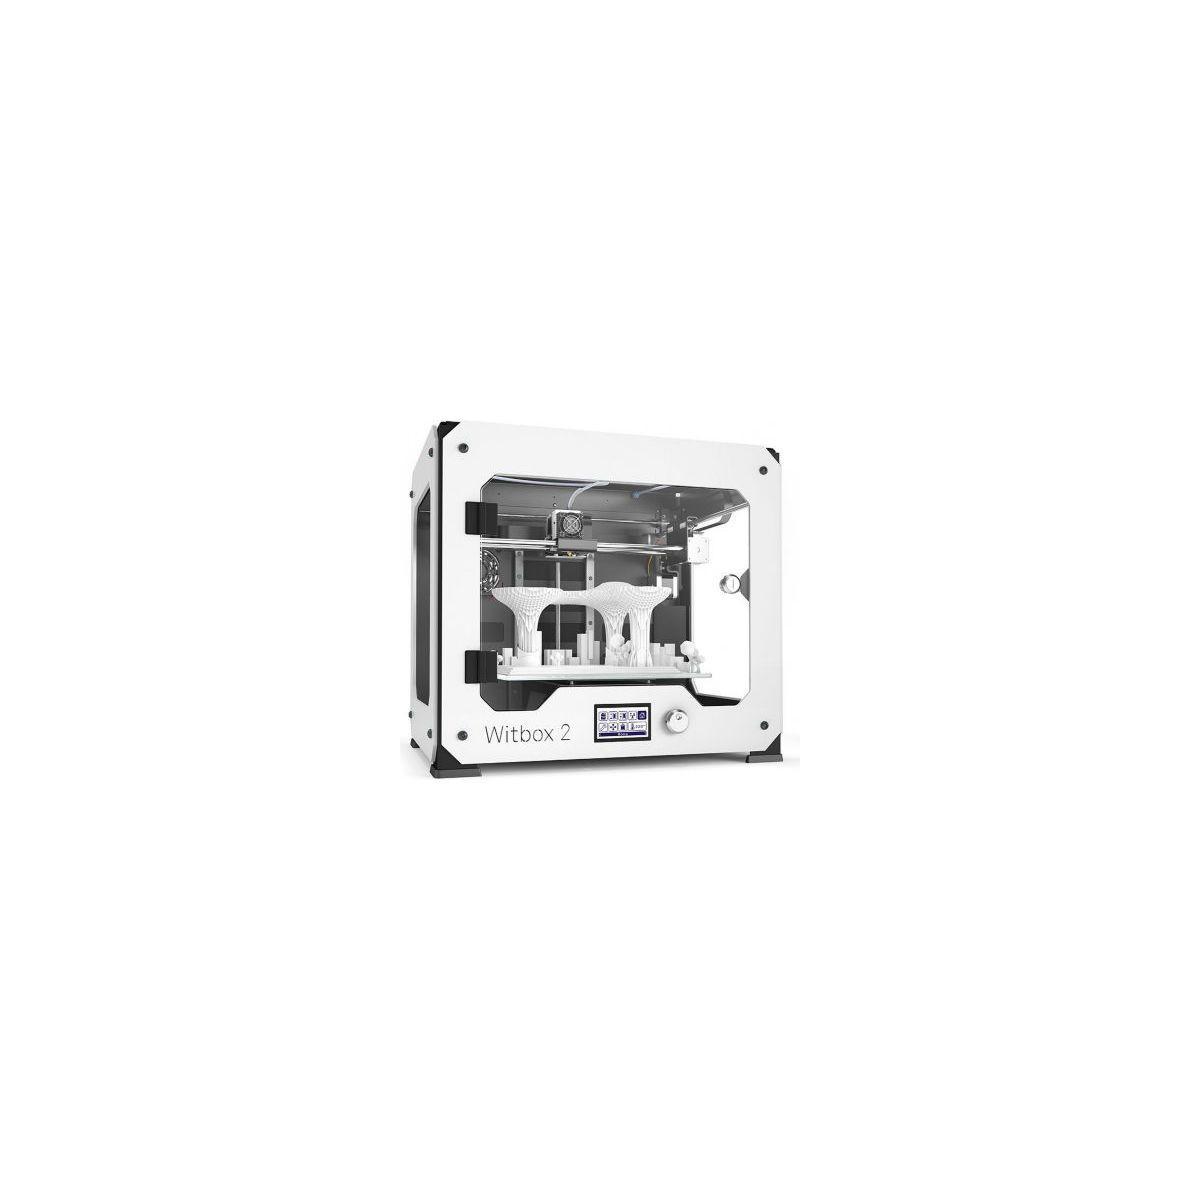 Imprimante 3d bq witbox 2 - 2% de remise imm�diate avec le code : deal2 (photo)